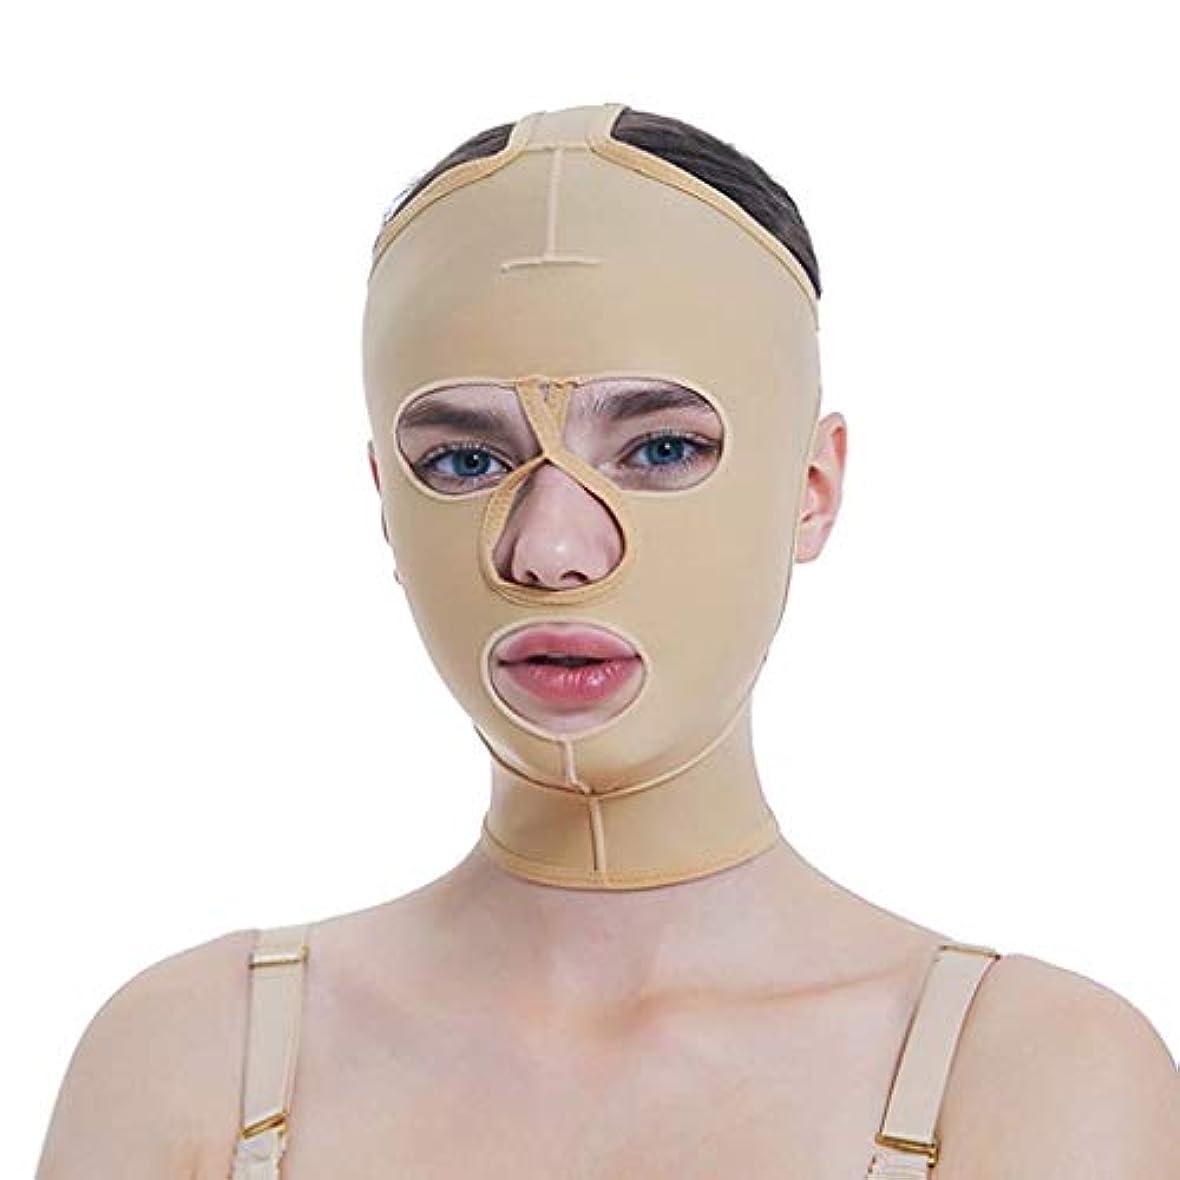 参加者ぬるい優先権脂肪吸引術用成形マスク、薄手かつらVフェイスビームフェイス弾性スリーブマルチサイズオプション(サイズ:S)